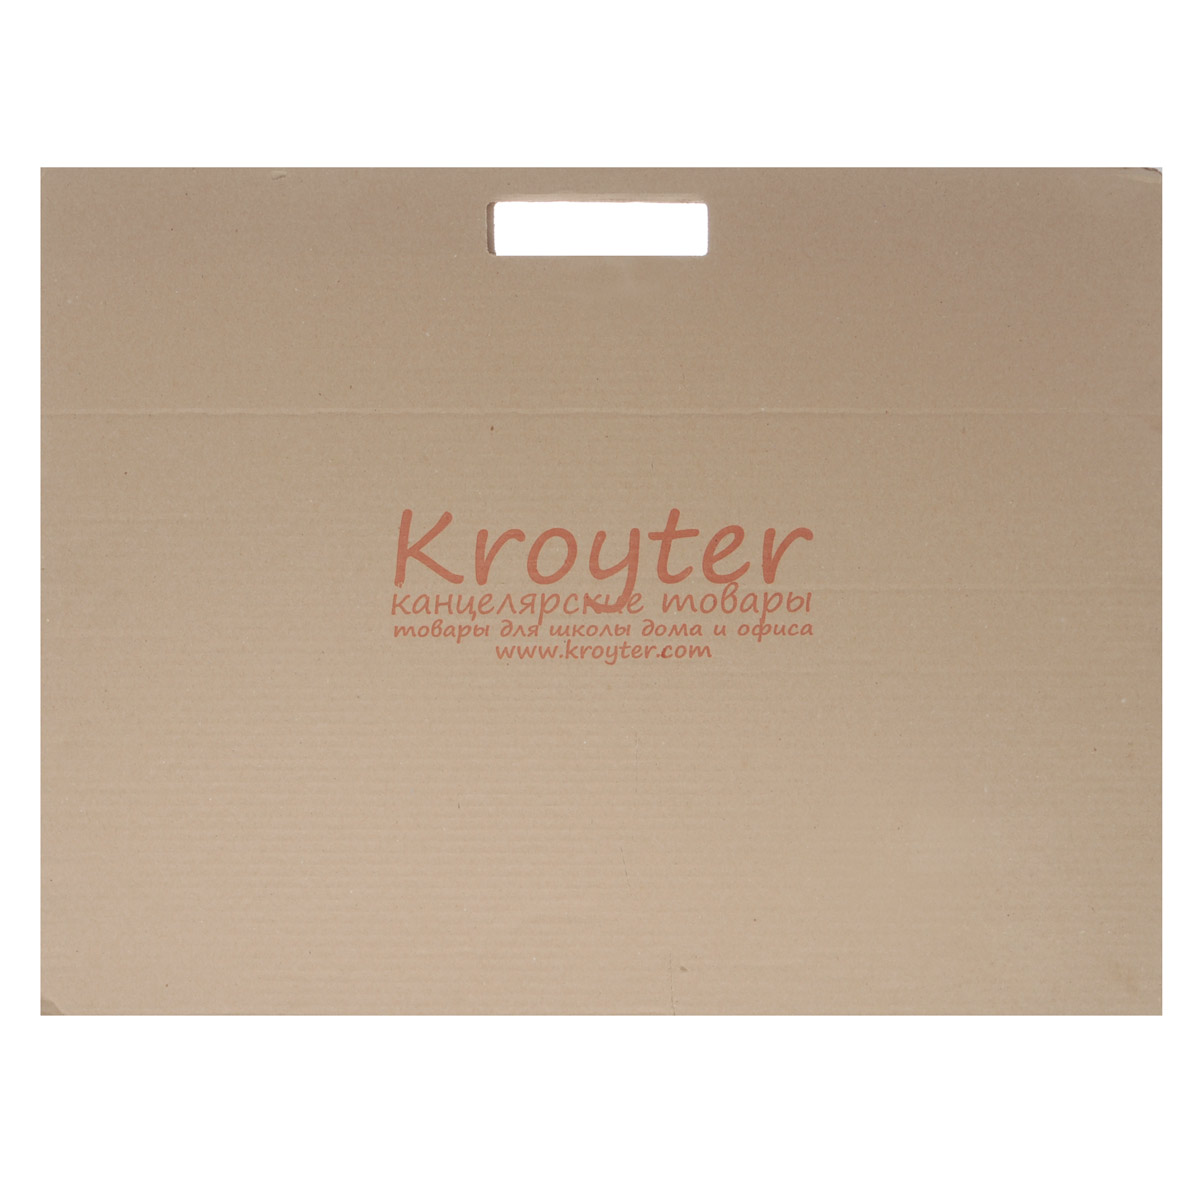 Папка для черчения Kroyter, 10 листов, формат А205329Папка для черчения Kroyter содержит 10 листов плотной бумаги, предназначенной для черчения и рисования водорастворимыми красками, карандашами, мелками, ручками. Не рекомендуется для масляных красок.Обложка выполнена из гофрированного картона в виде папки-переноски с ручками, такой вариант позволяет переносить бумагу без повреждений или хранить в ней уже выполненные работы.Формат: А2 (420 х 594).